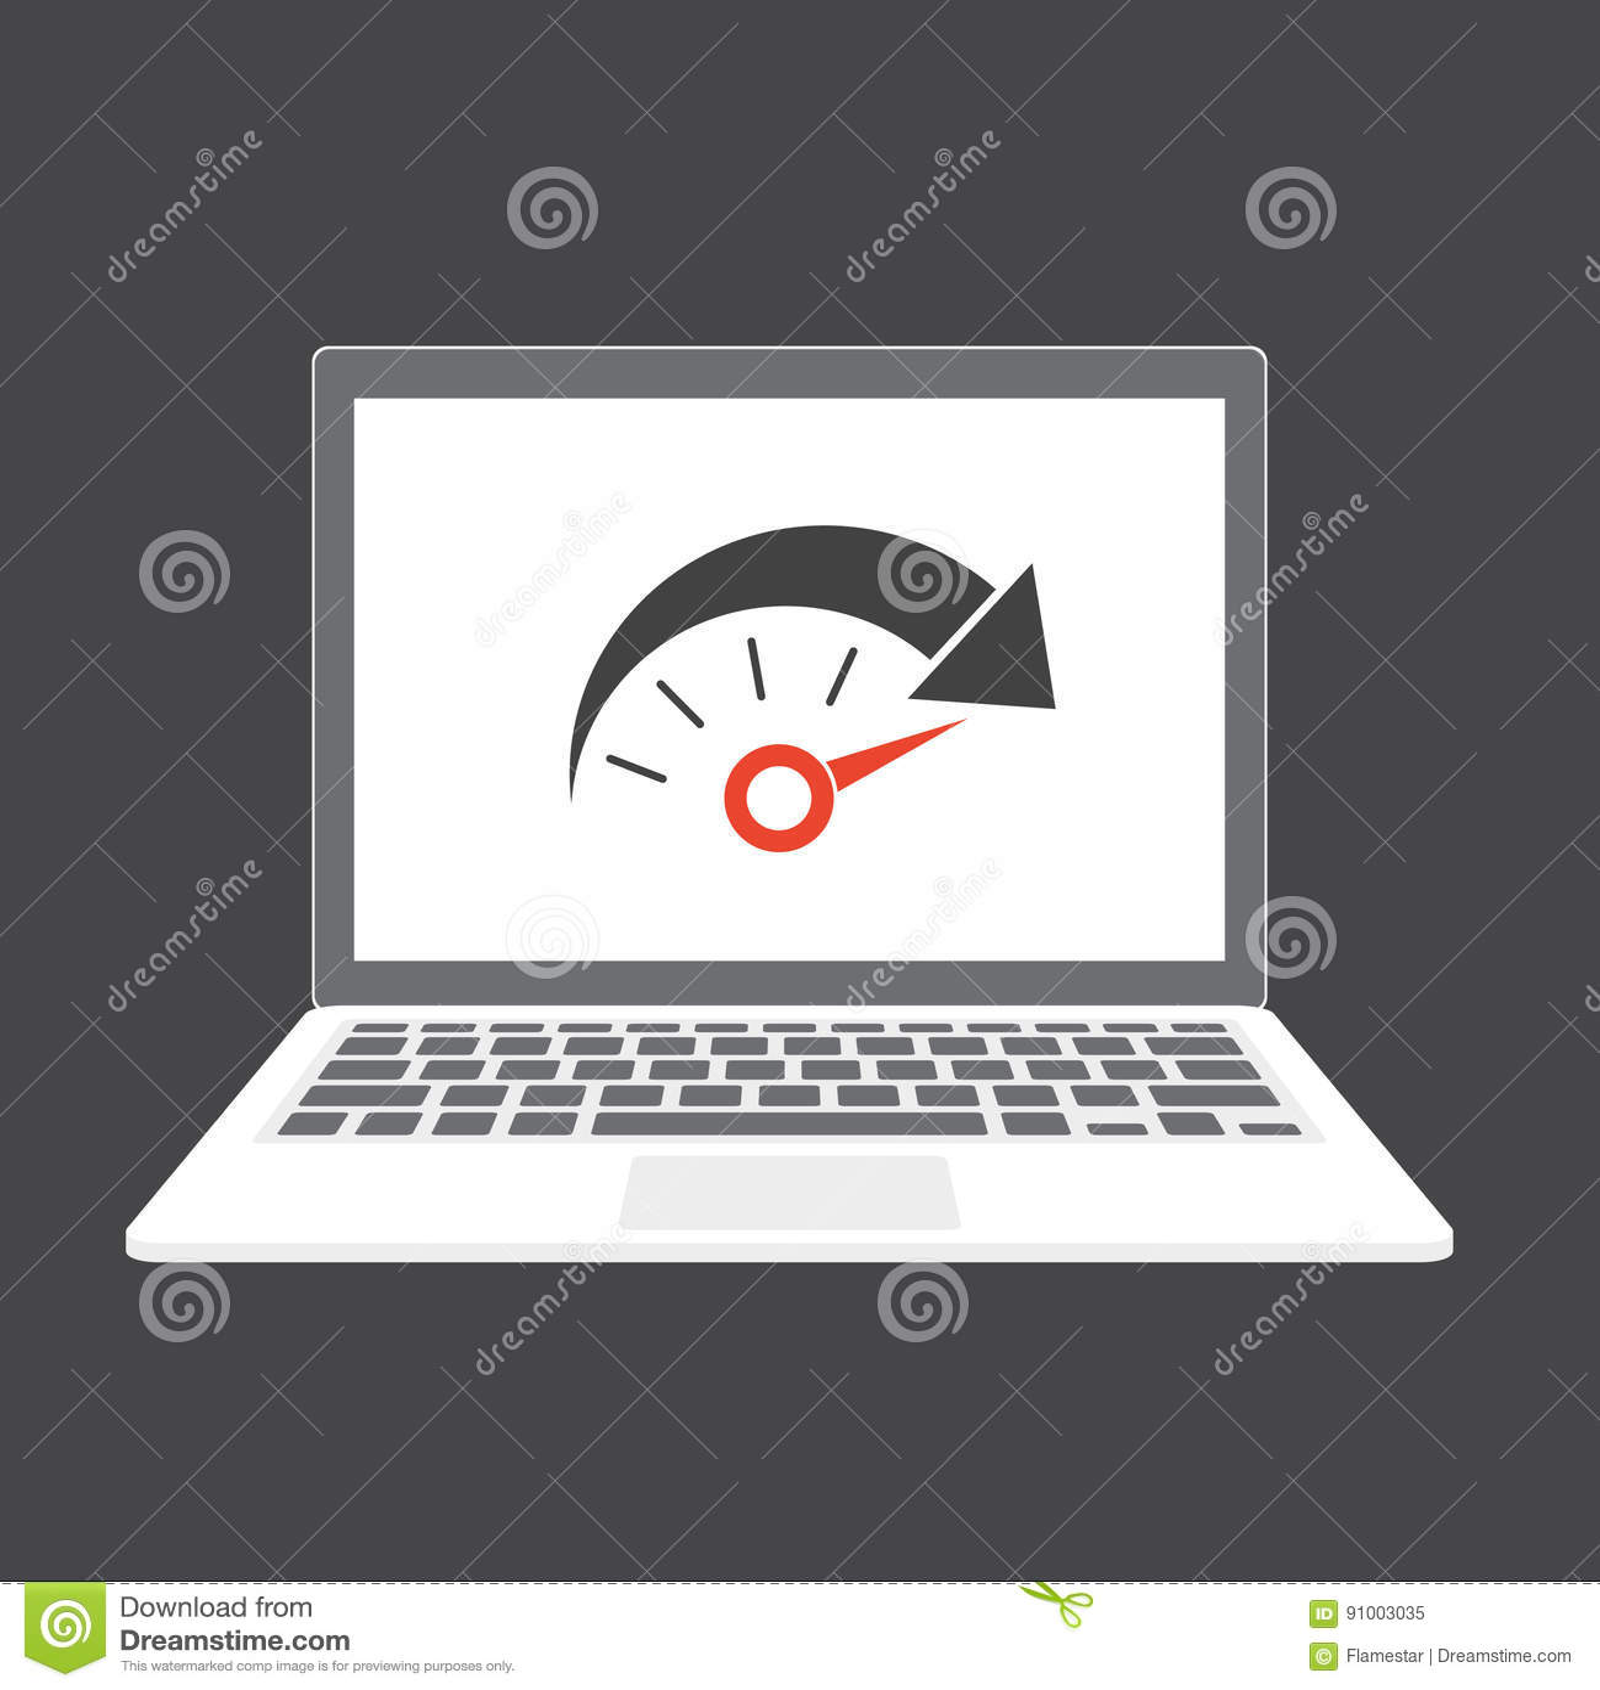 mäta datorns hastighet